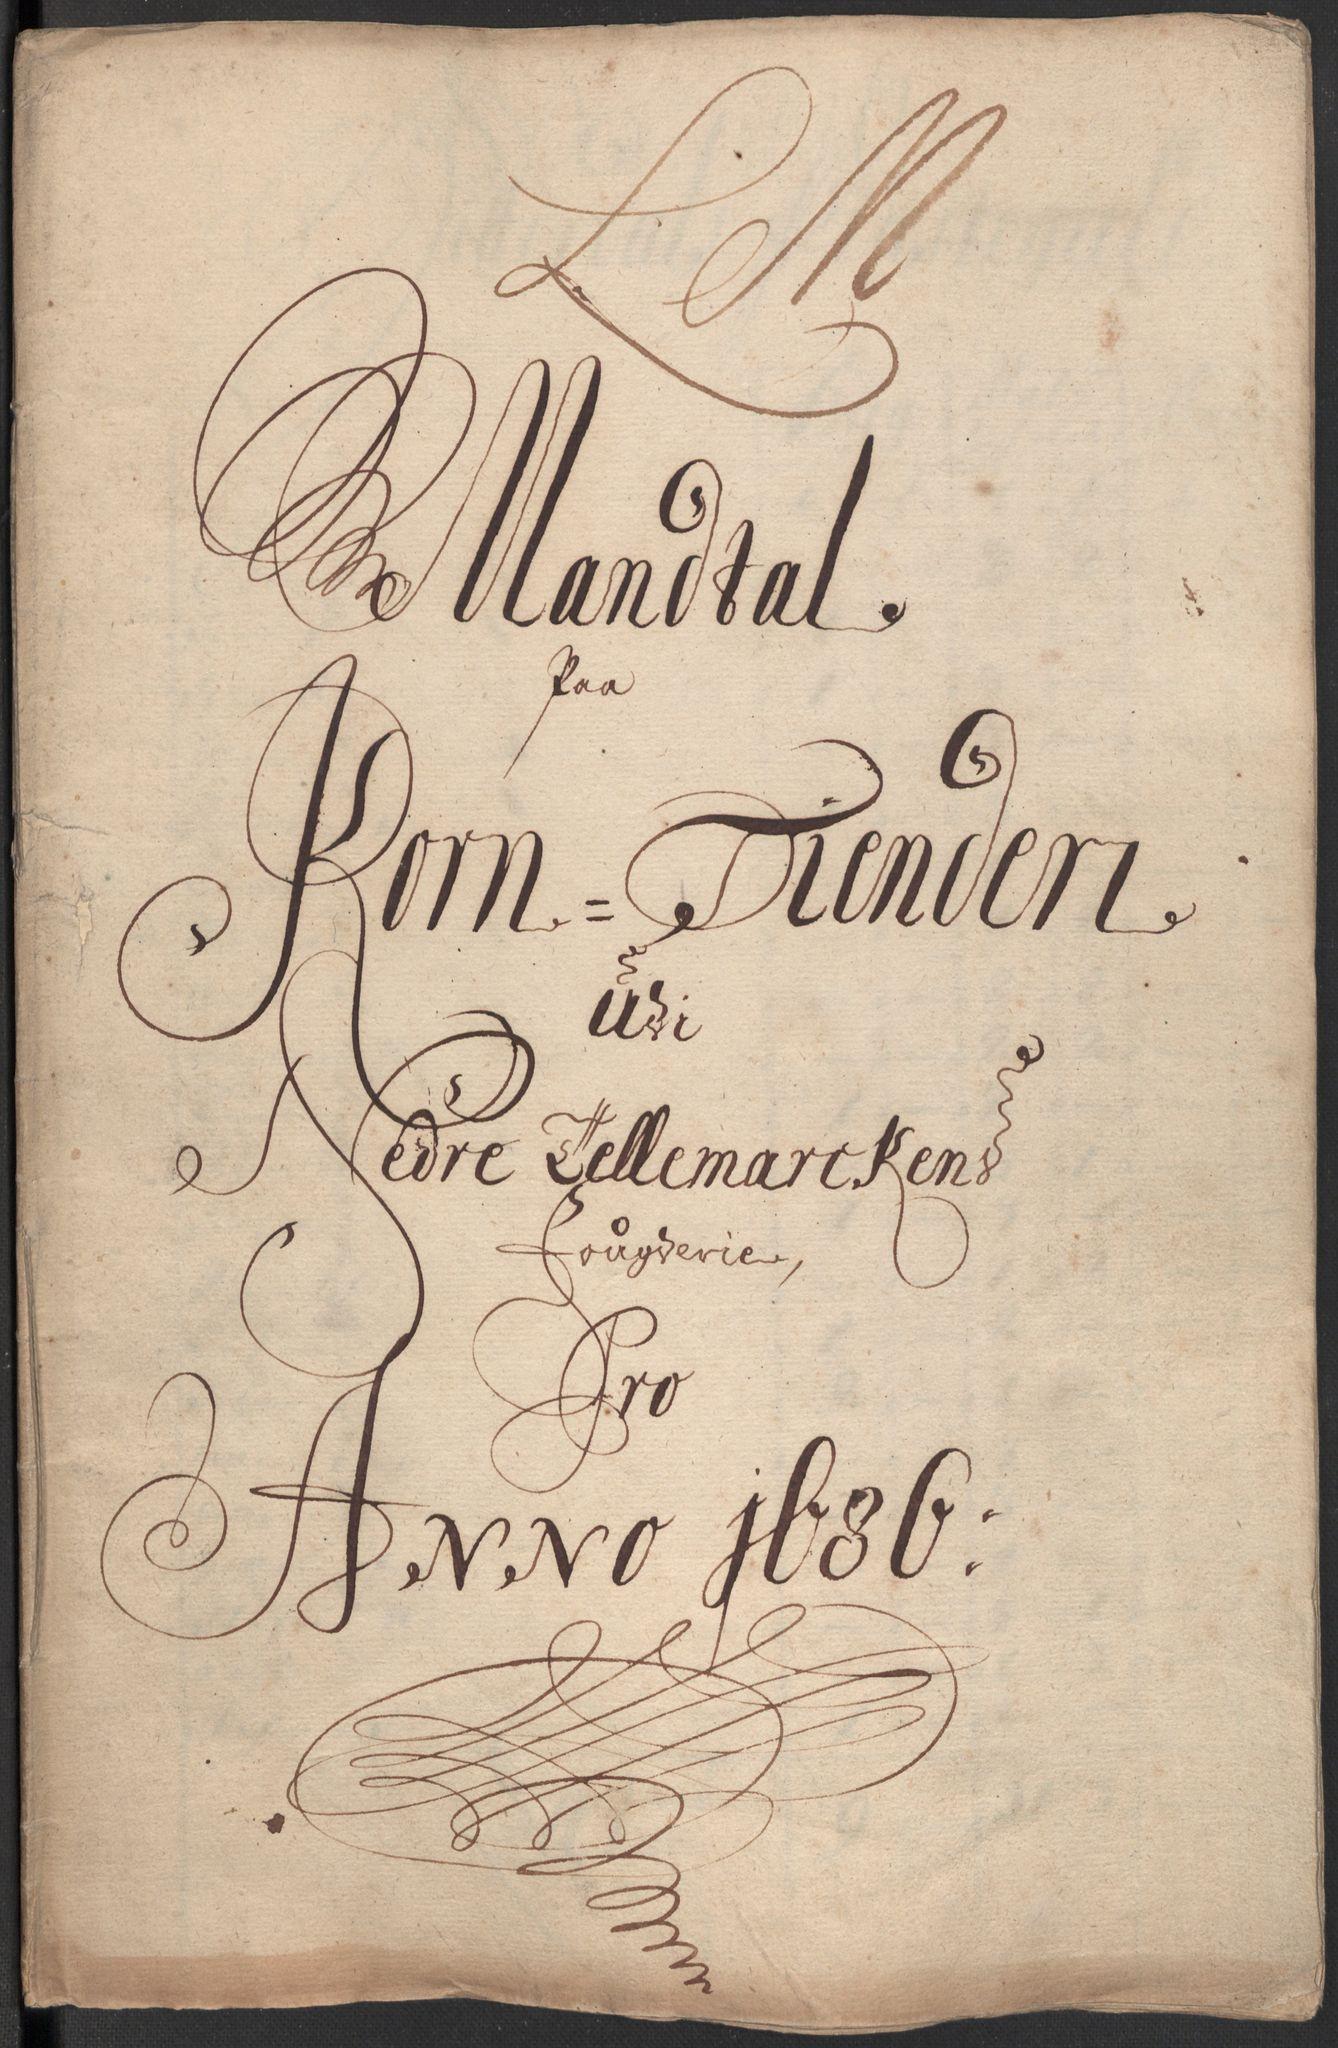 RA, Rentekammeret inntil 1814, Reviderte regnskaper, Fogderegnskap, R35/L2083: Fogderegnskap Øvre og Nedre Telemark, 1686, s. 305